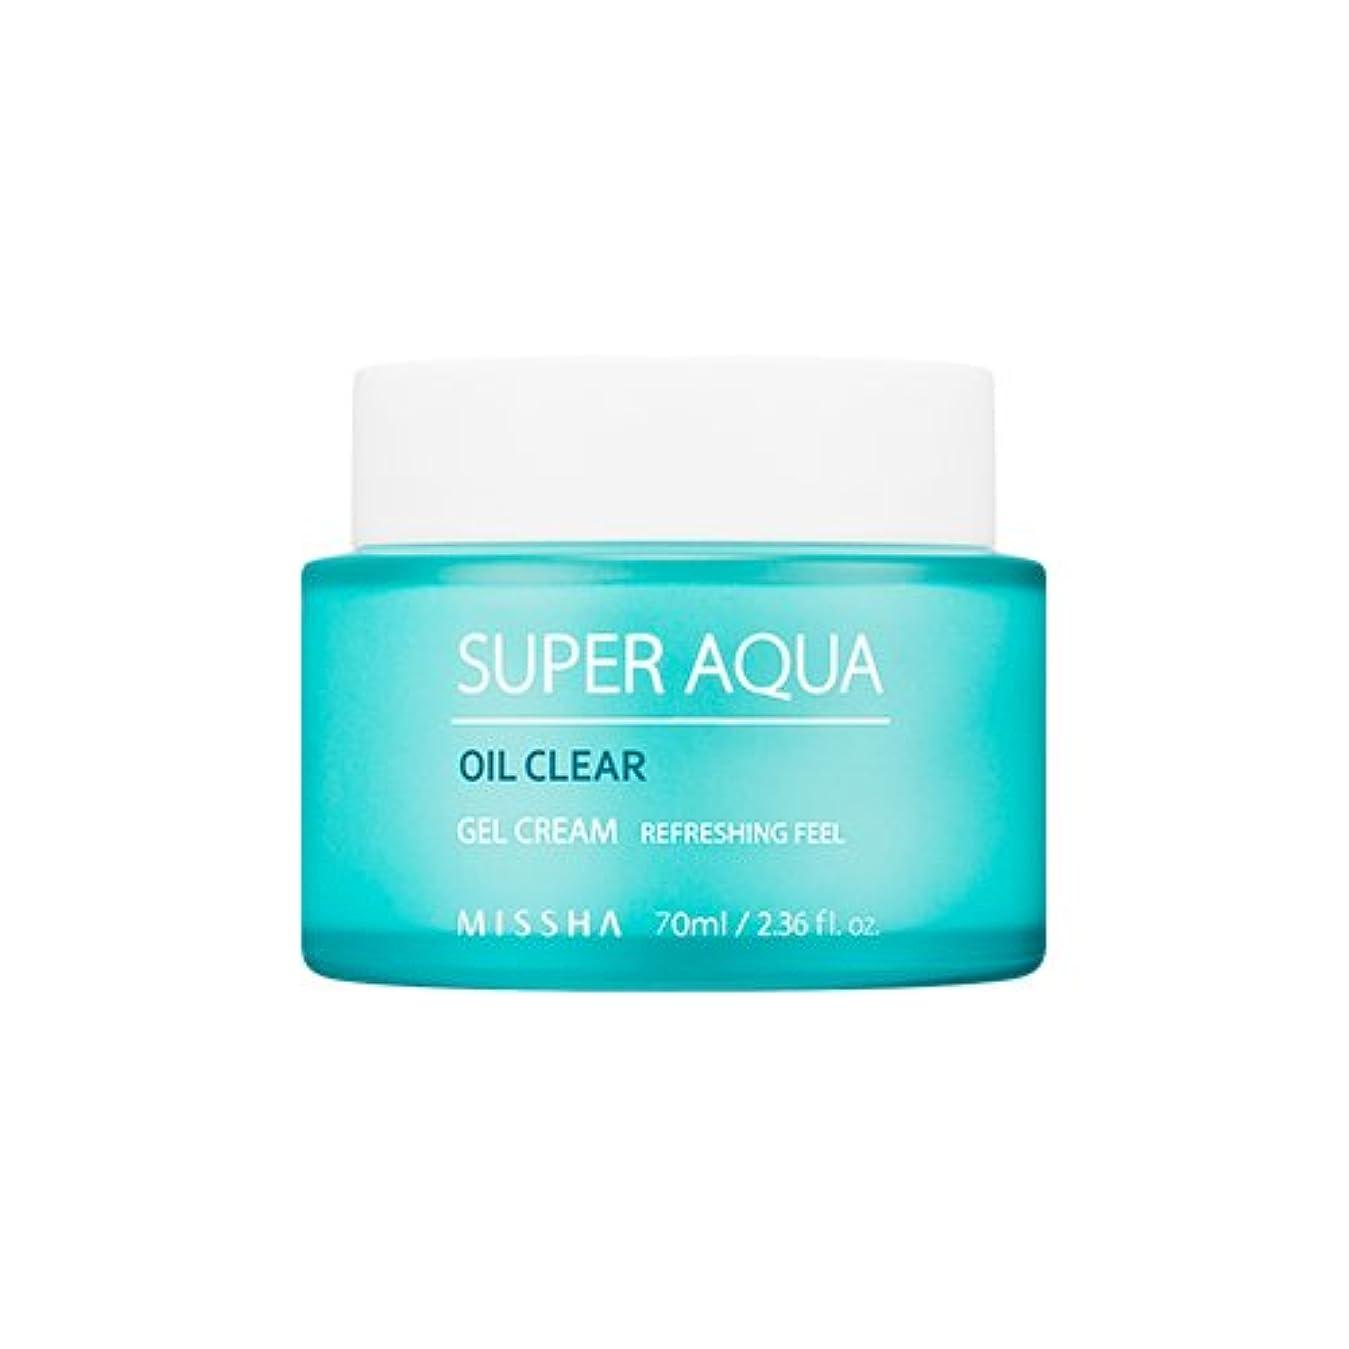 冷える砂漠保証MISSHA Super Aqua Oil Clear Gel Cream 70ml/ミシャ スーパー アクア オイル クリア ジェル クリーム 70ml [並行輸入品]